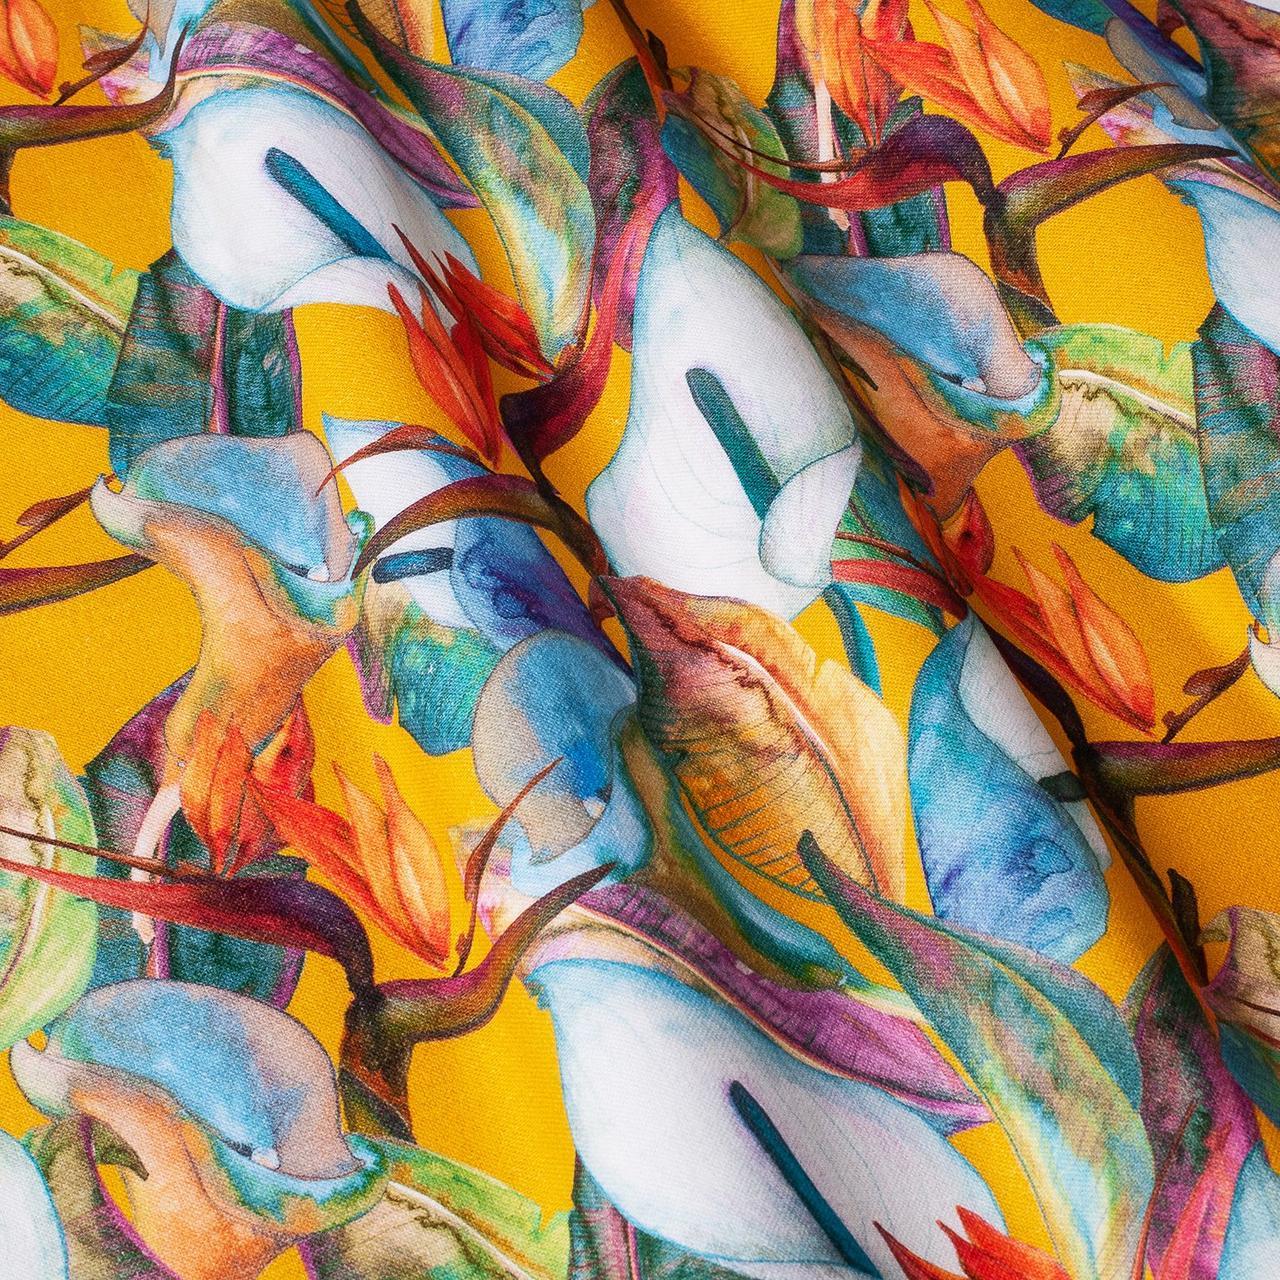 Декоративна тканина помаранчеві, блакитні і білі квіти Іспанія 87895v5